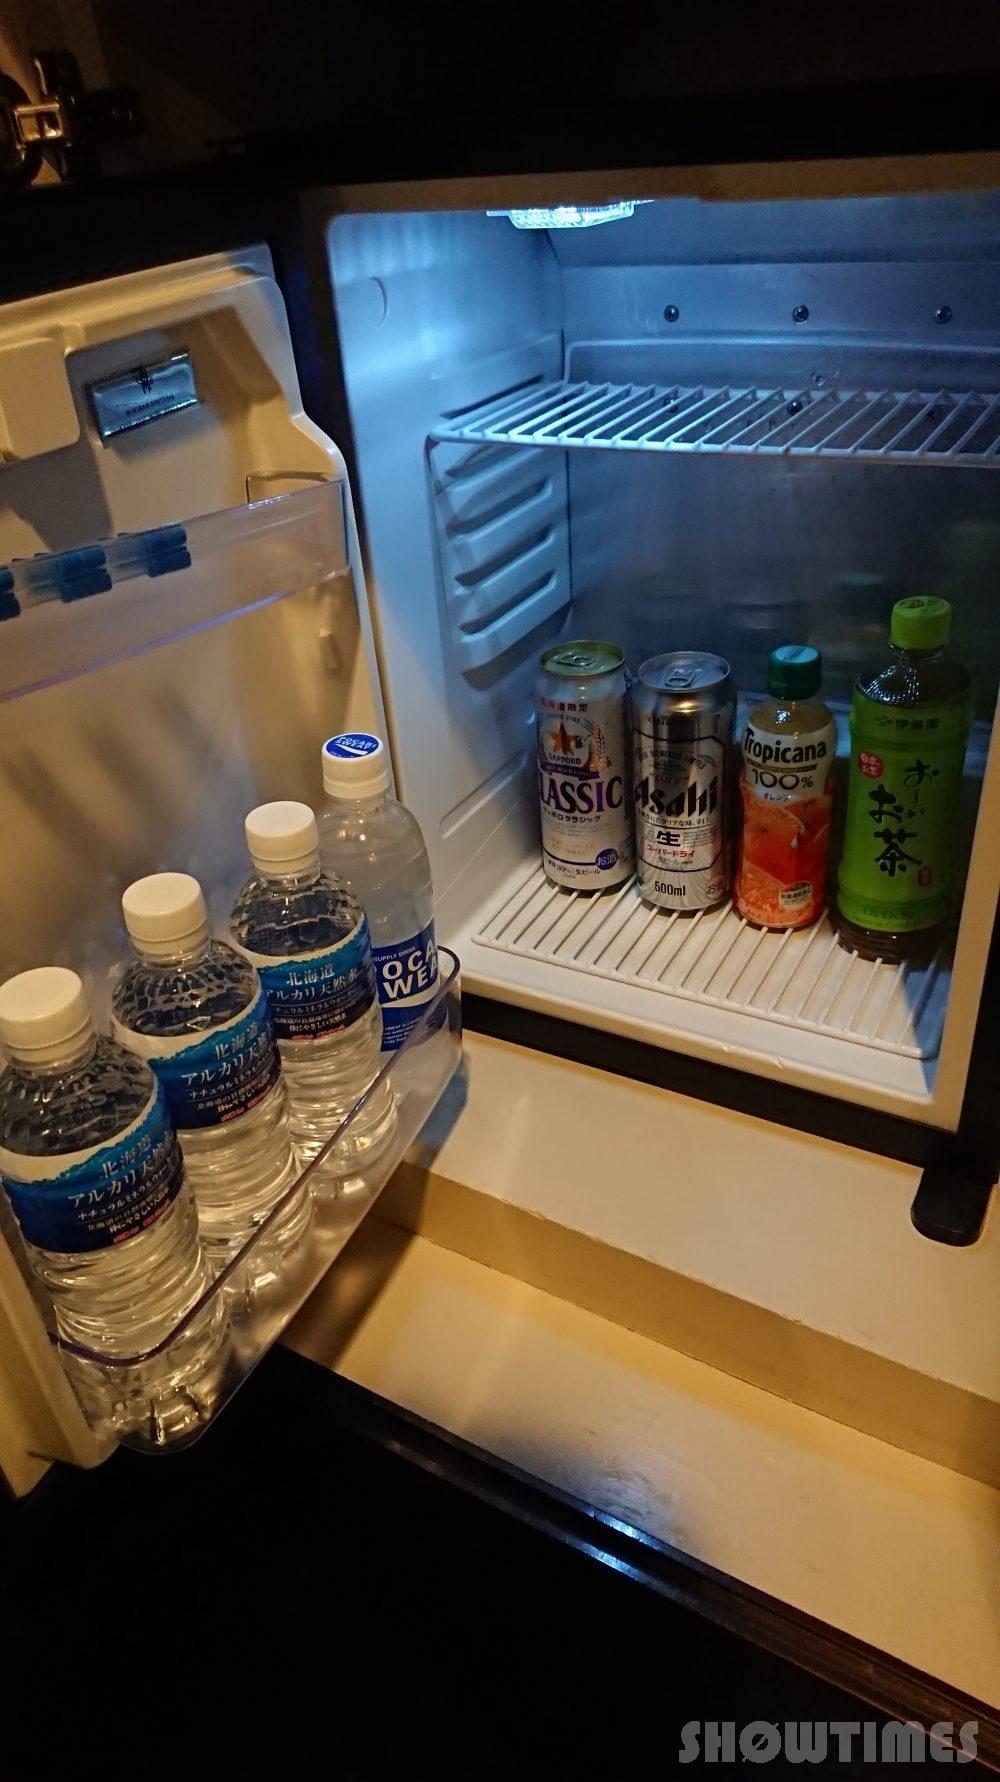 プレミアホテル中島公園デラックスラージダブルの冷蔵庫